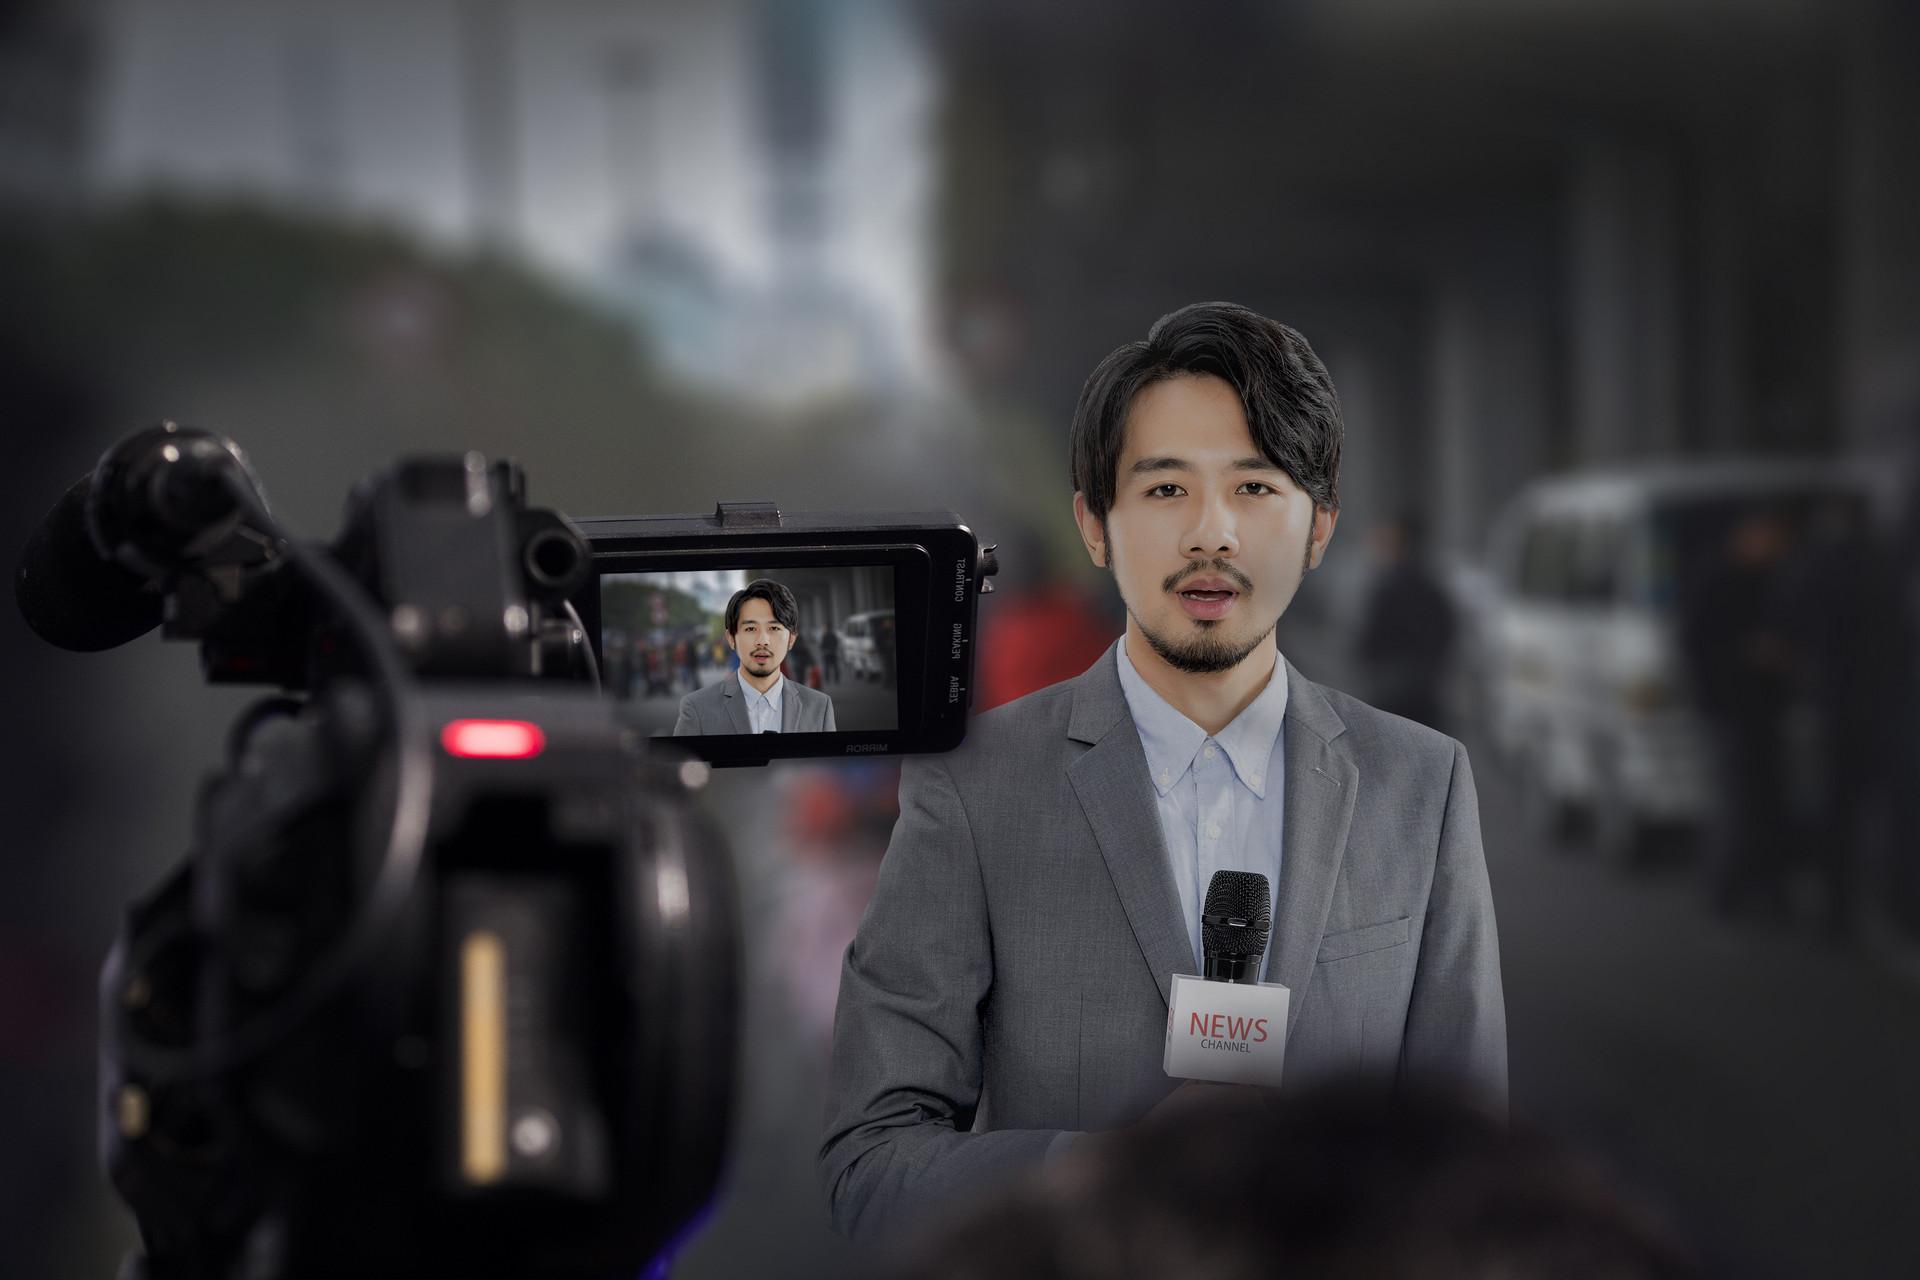 【专业解析】大量消亡的传统媒体,我还能选择新闻学专业吗?